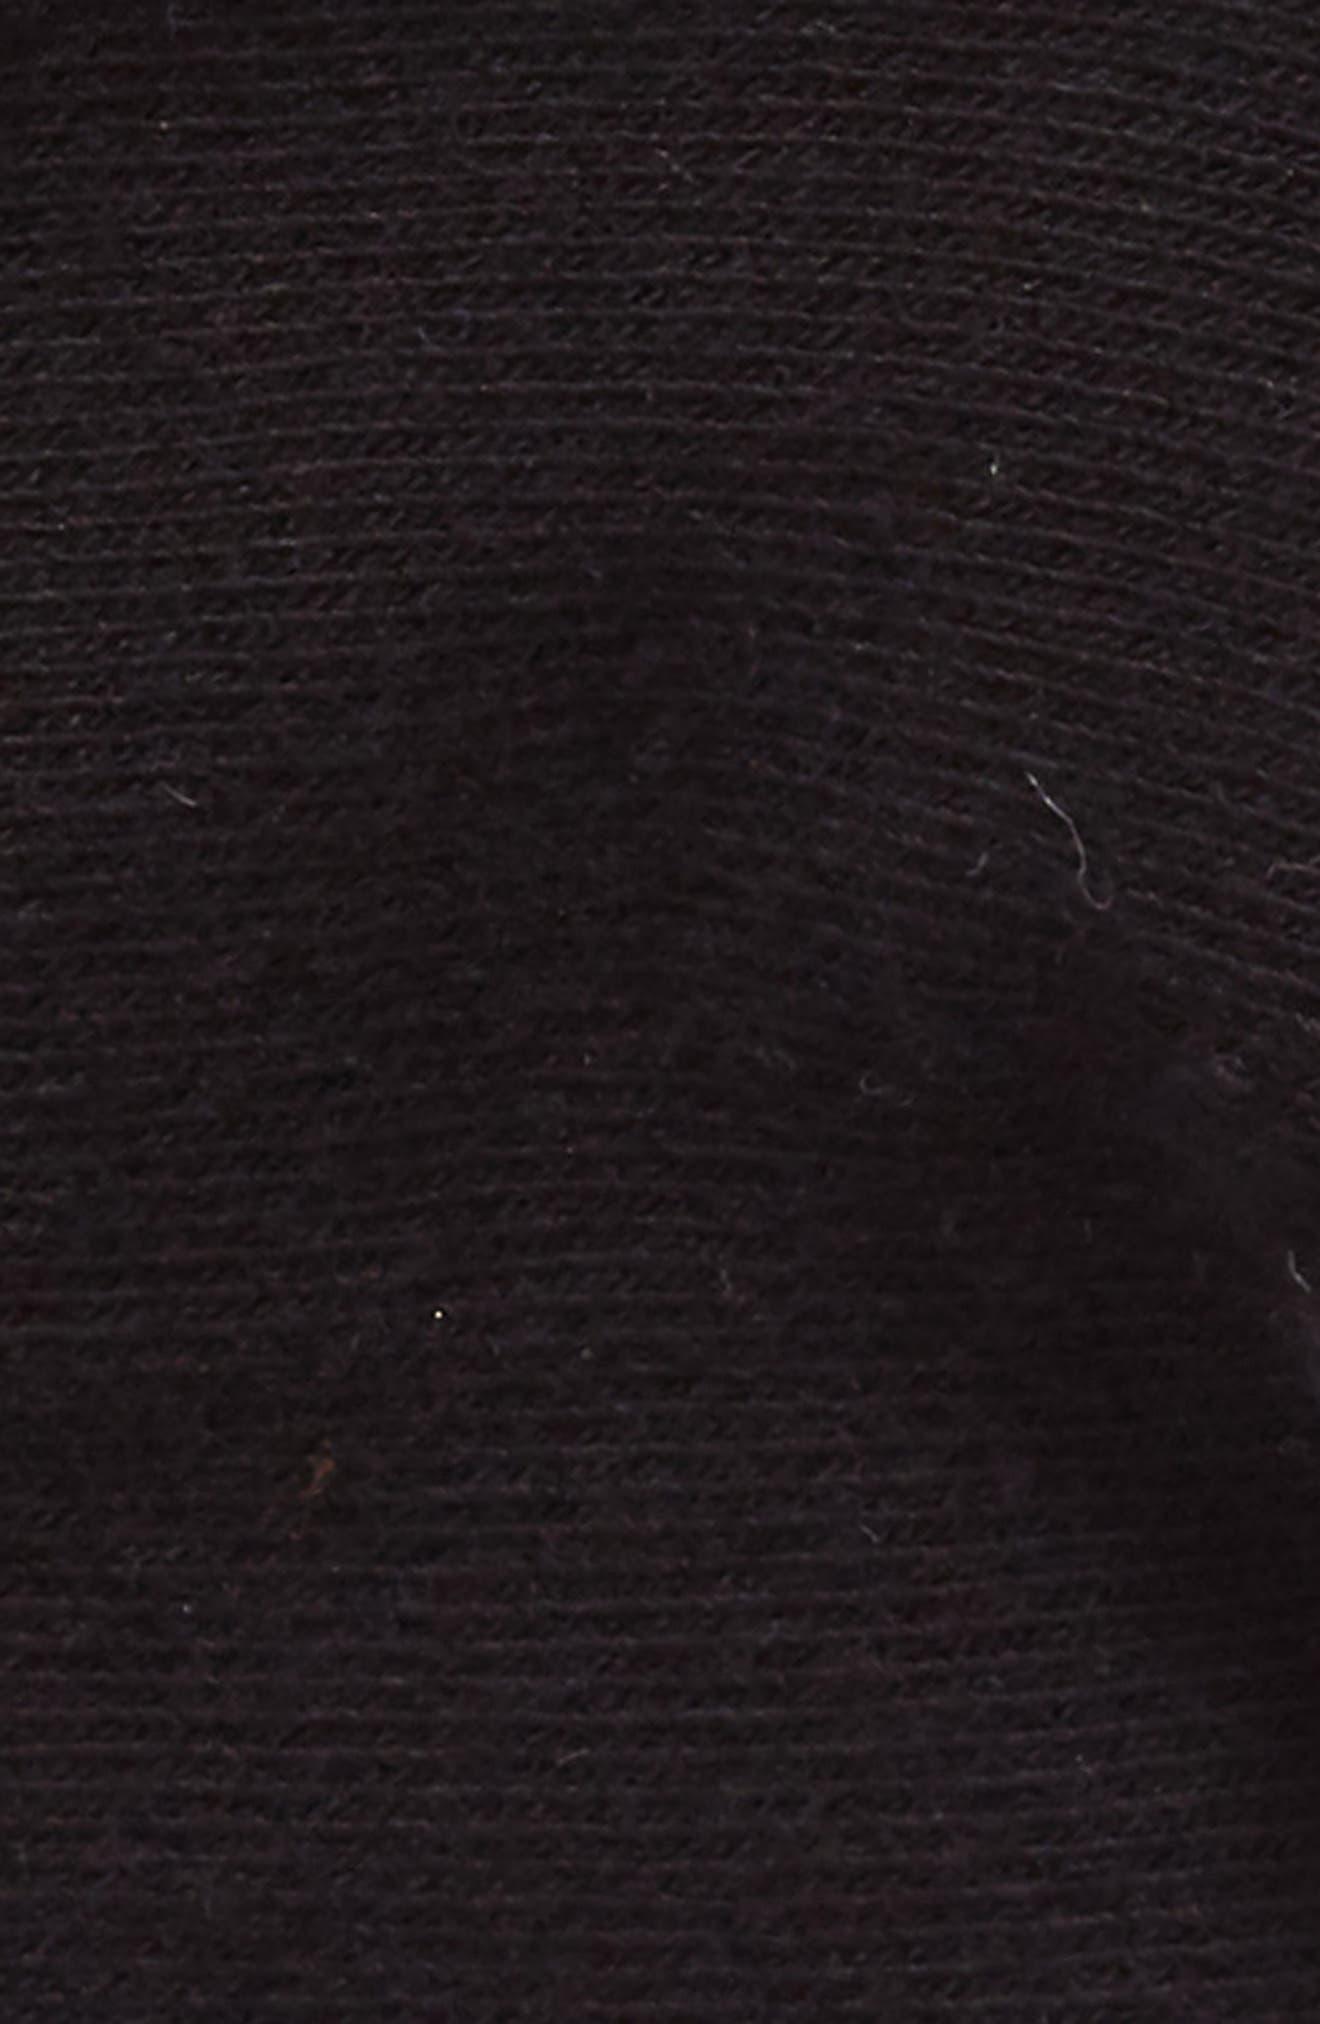 2-Pack Liner Socks,                             Alternate thumbnail 5, color,